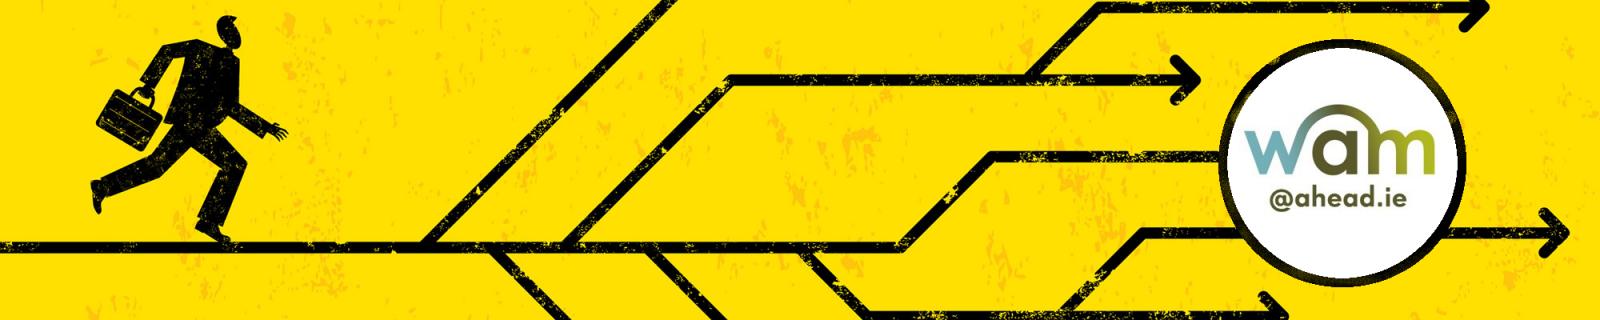 WAM Programme Banner